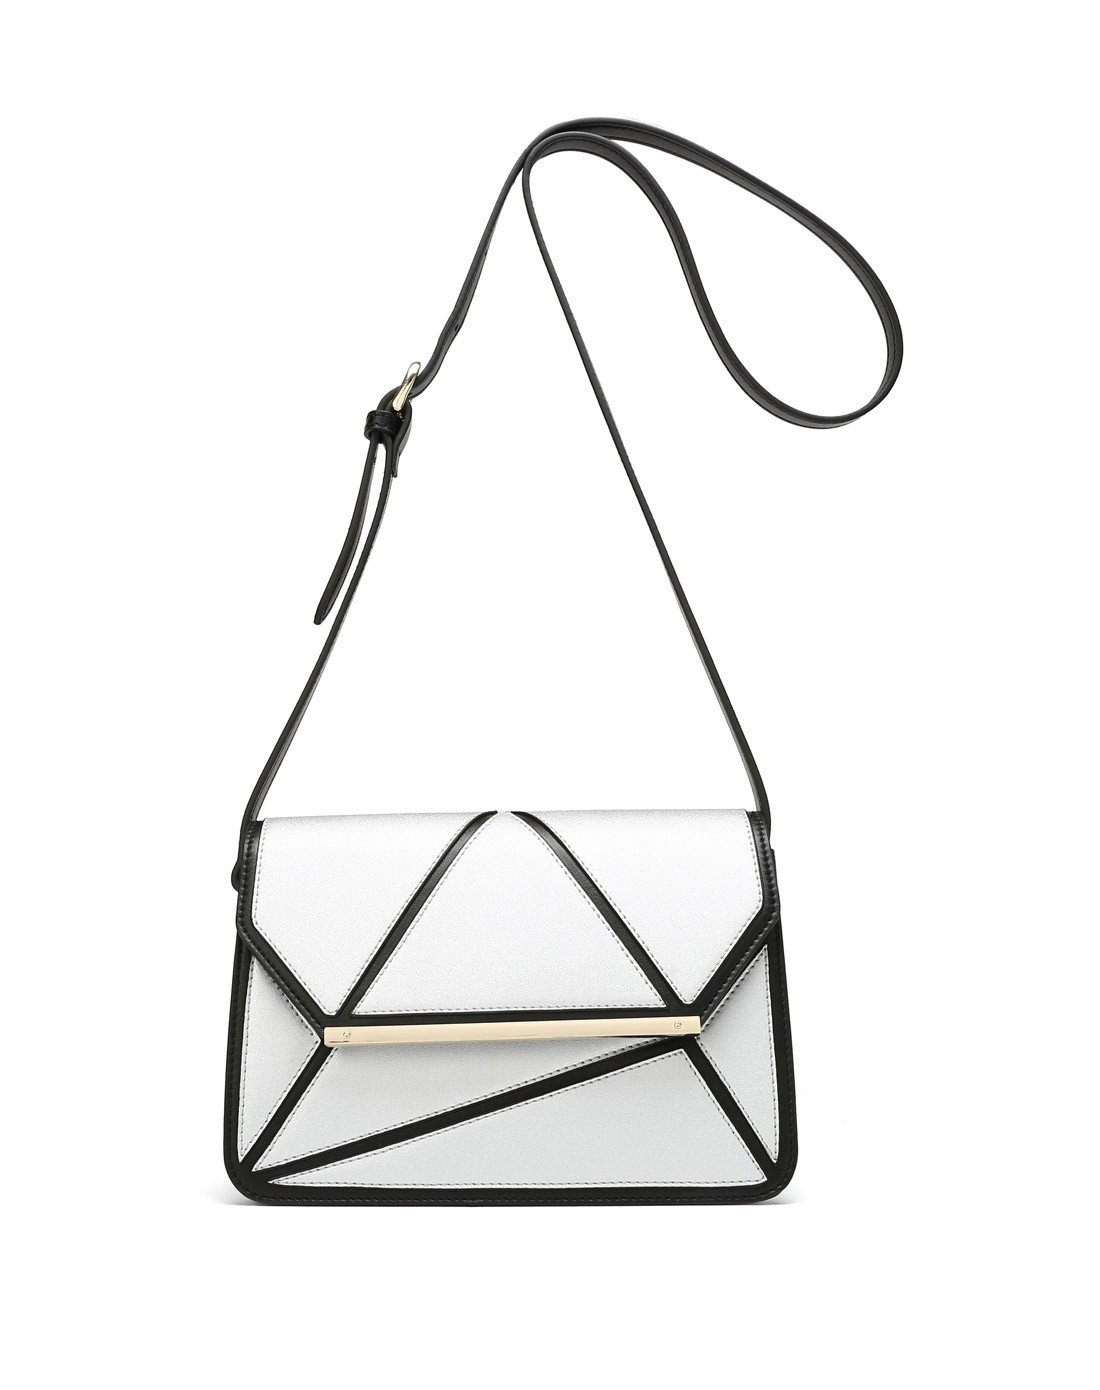 包 包包 简笔画 挎包手袋 女包 手绘 手提包 线稿 1100_1390 竖版 竖-手